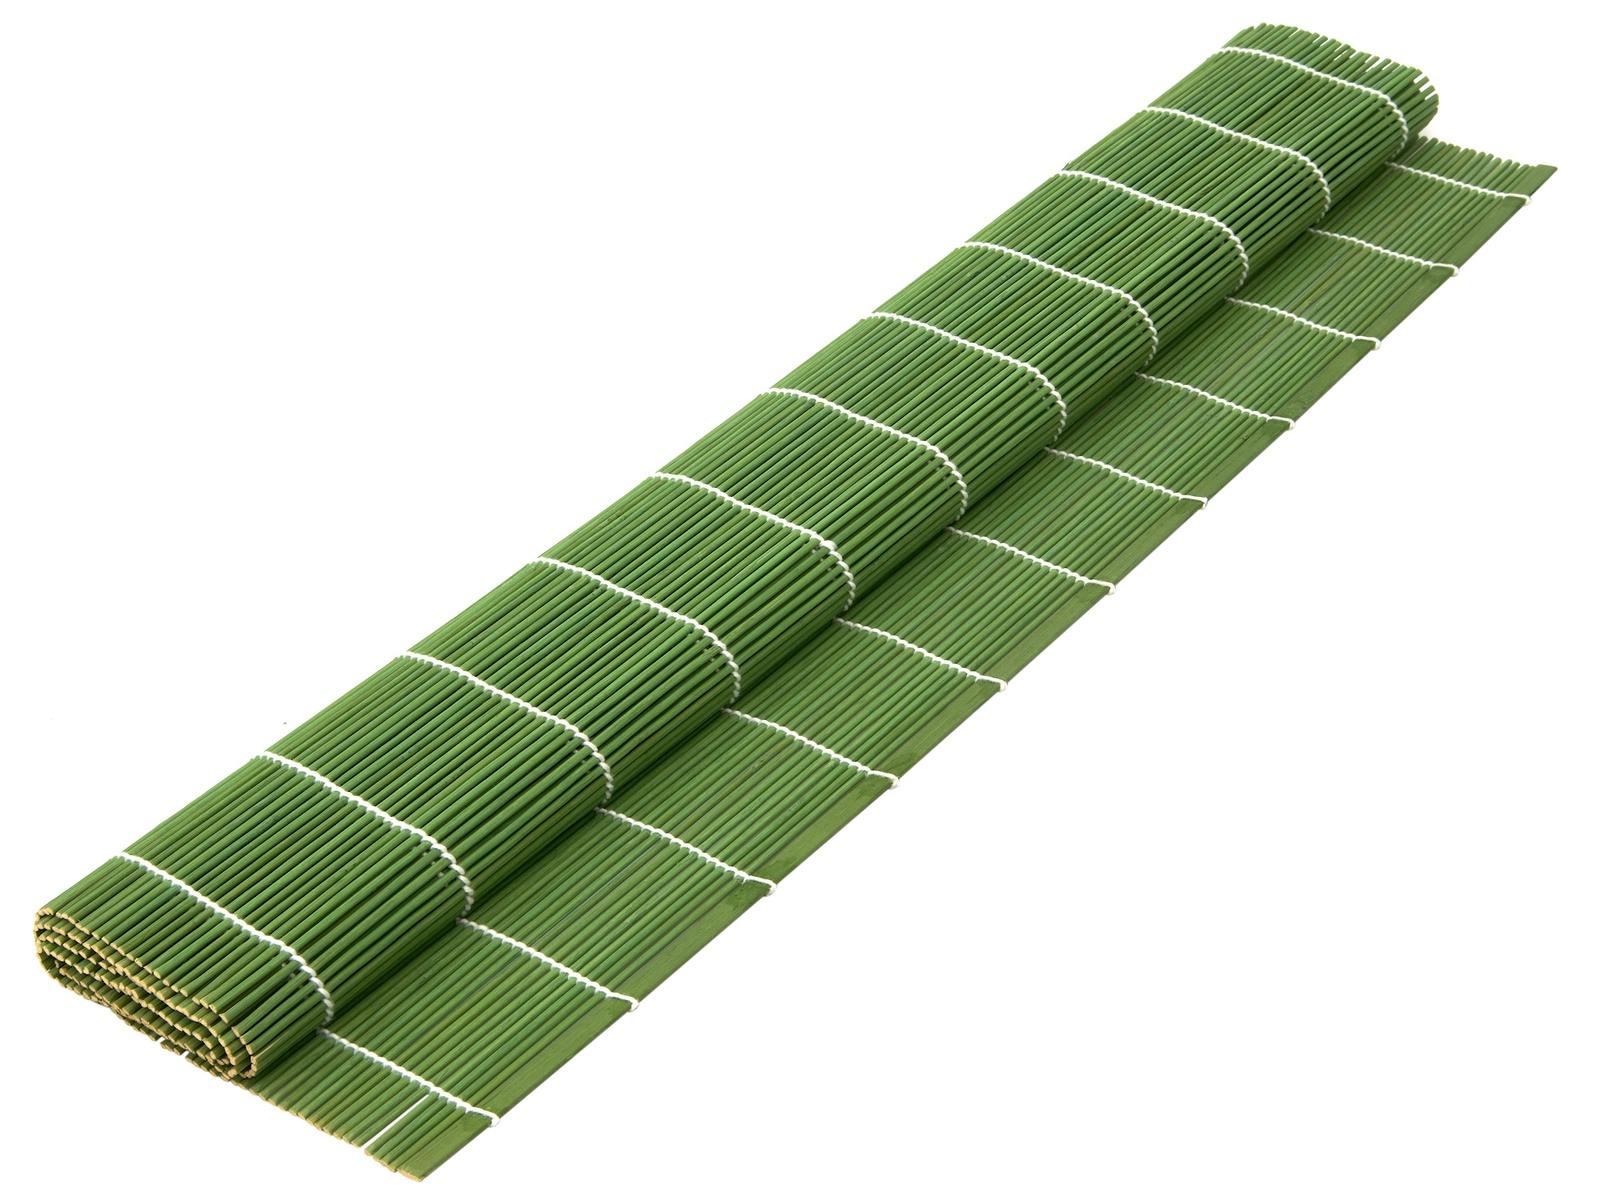 Скатерть для сервировки Катунь, КТ-СФ-16/ЗЕЛЁНАЯ, зеленый, 600*900 мм muuto предмет сервировки стола